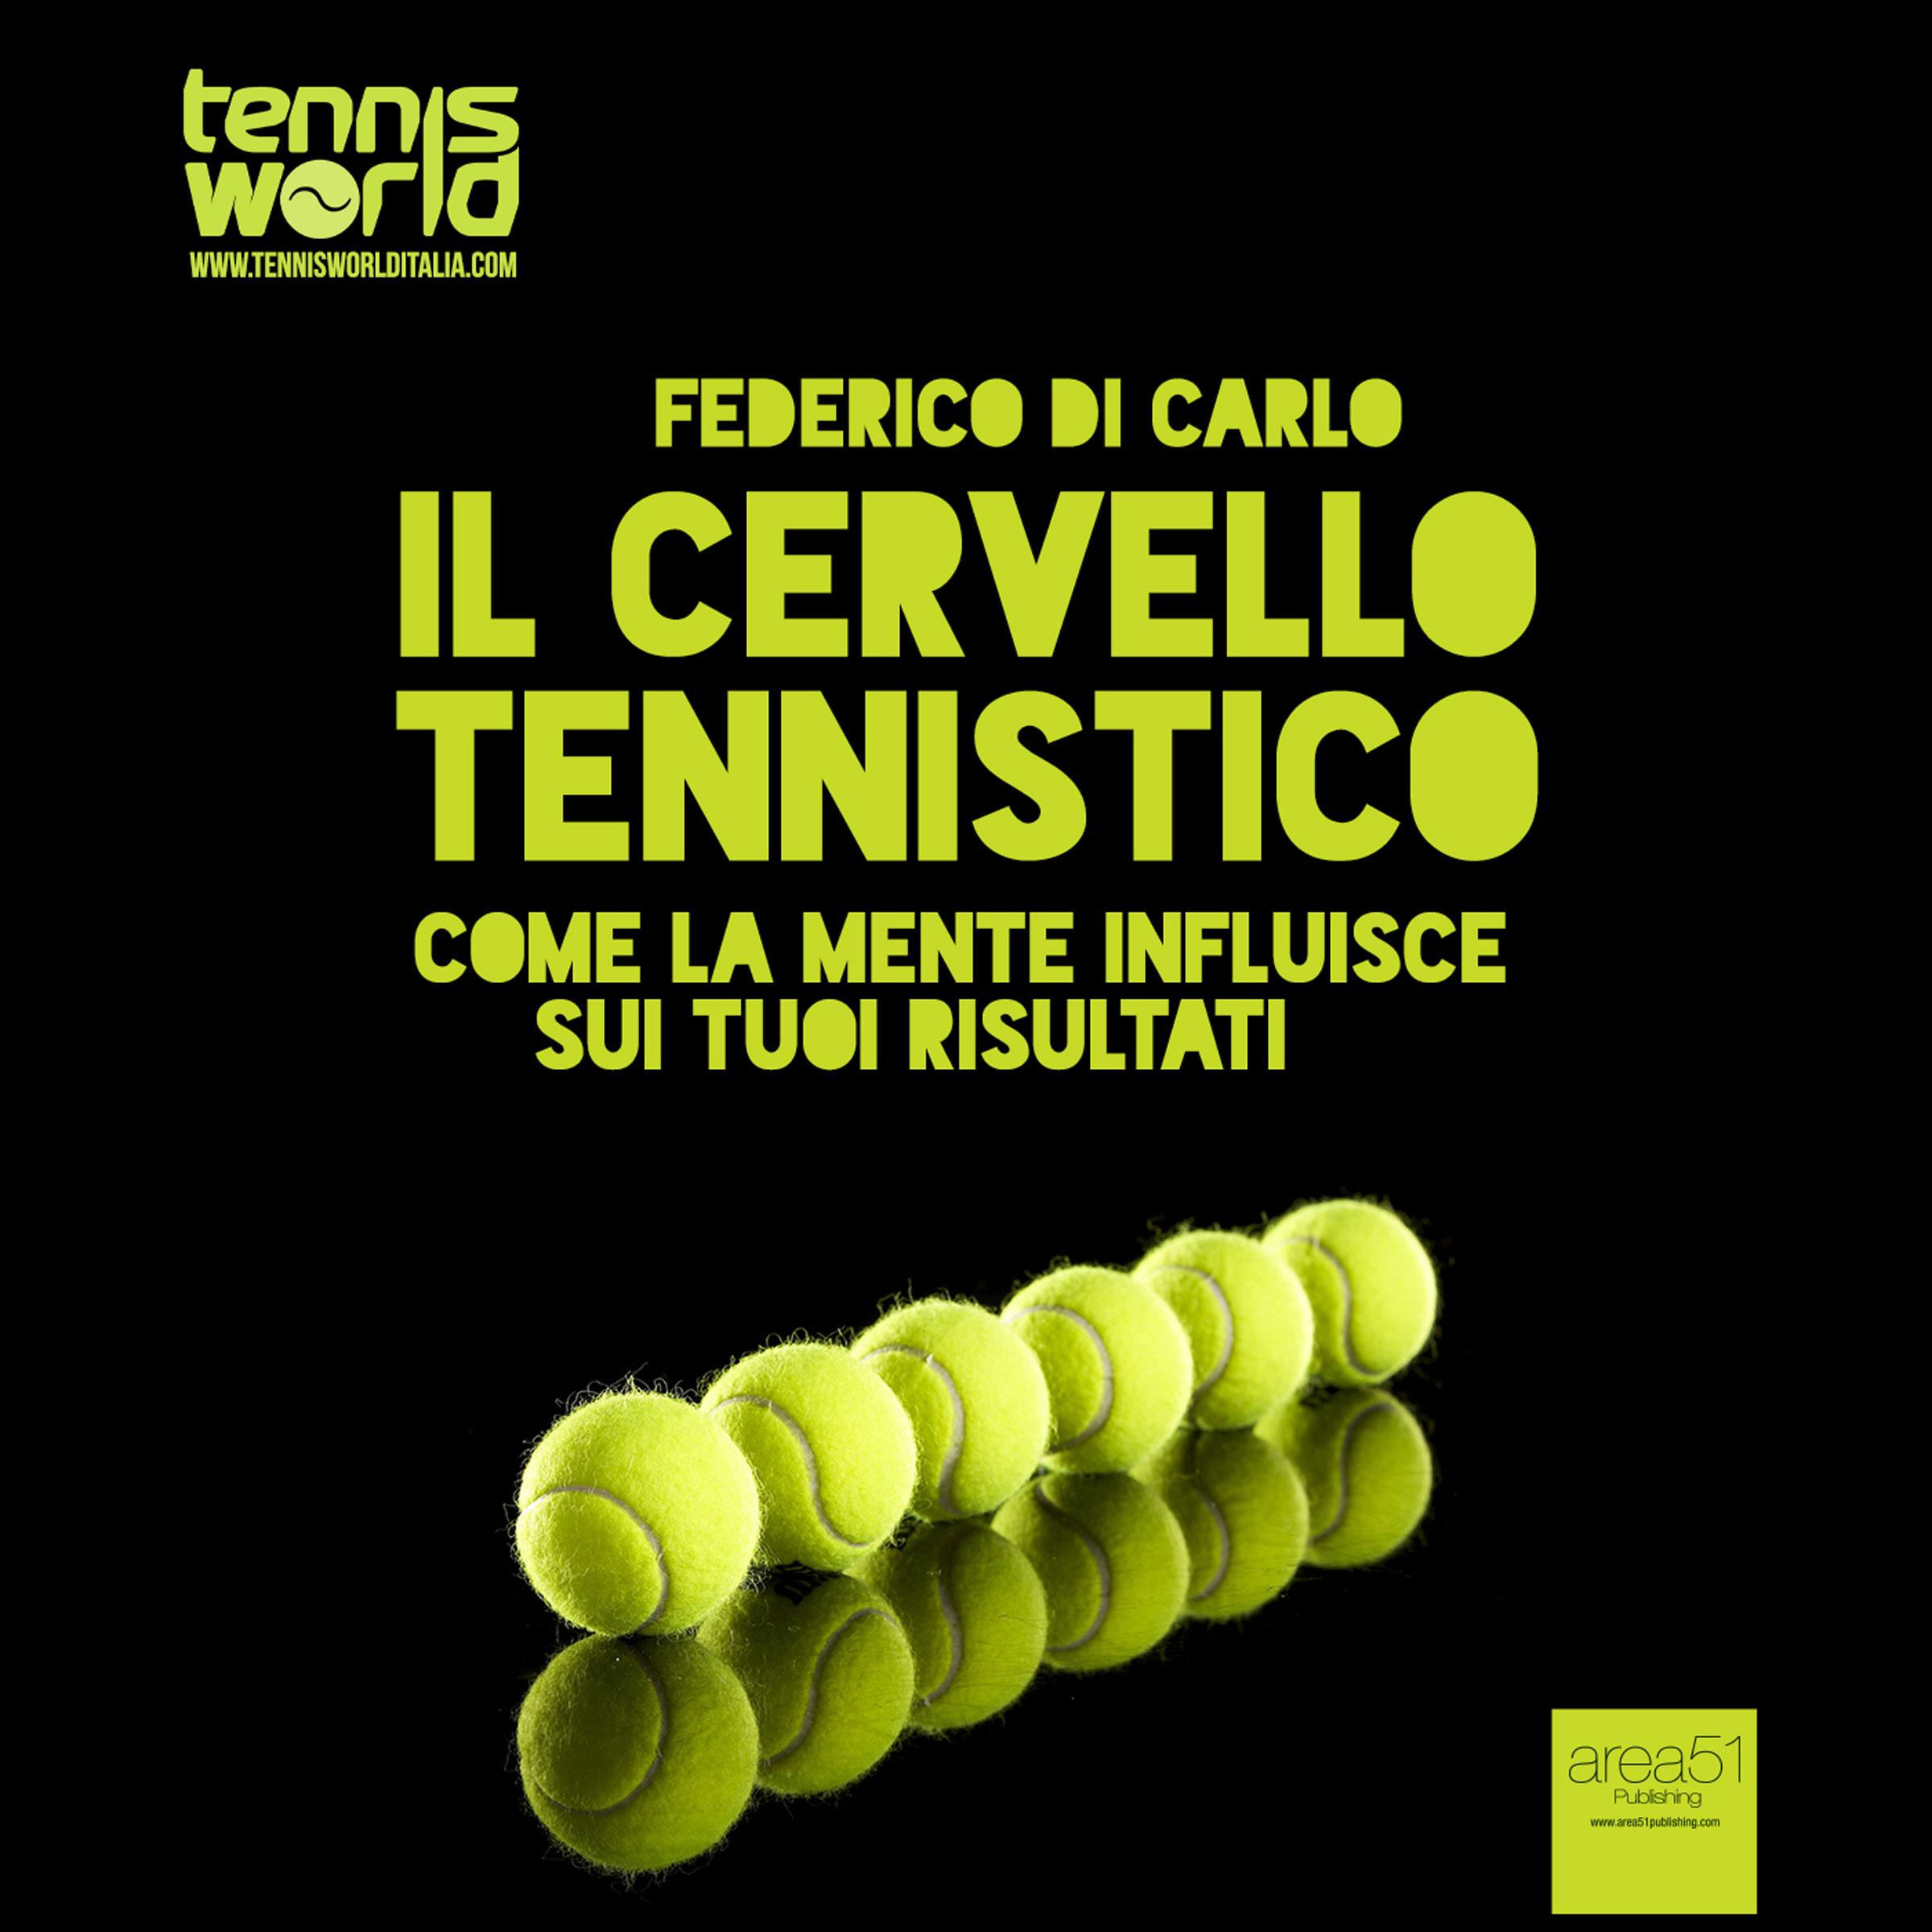 Il cervello tennistico-0